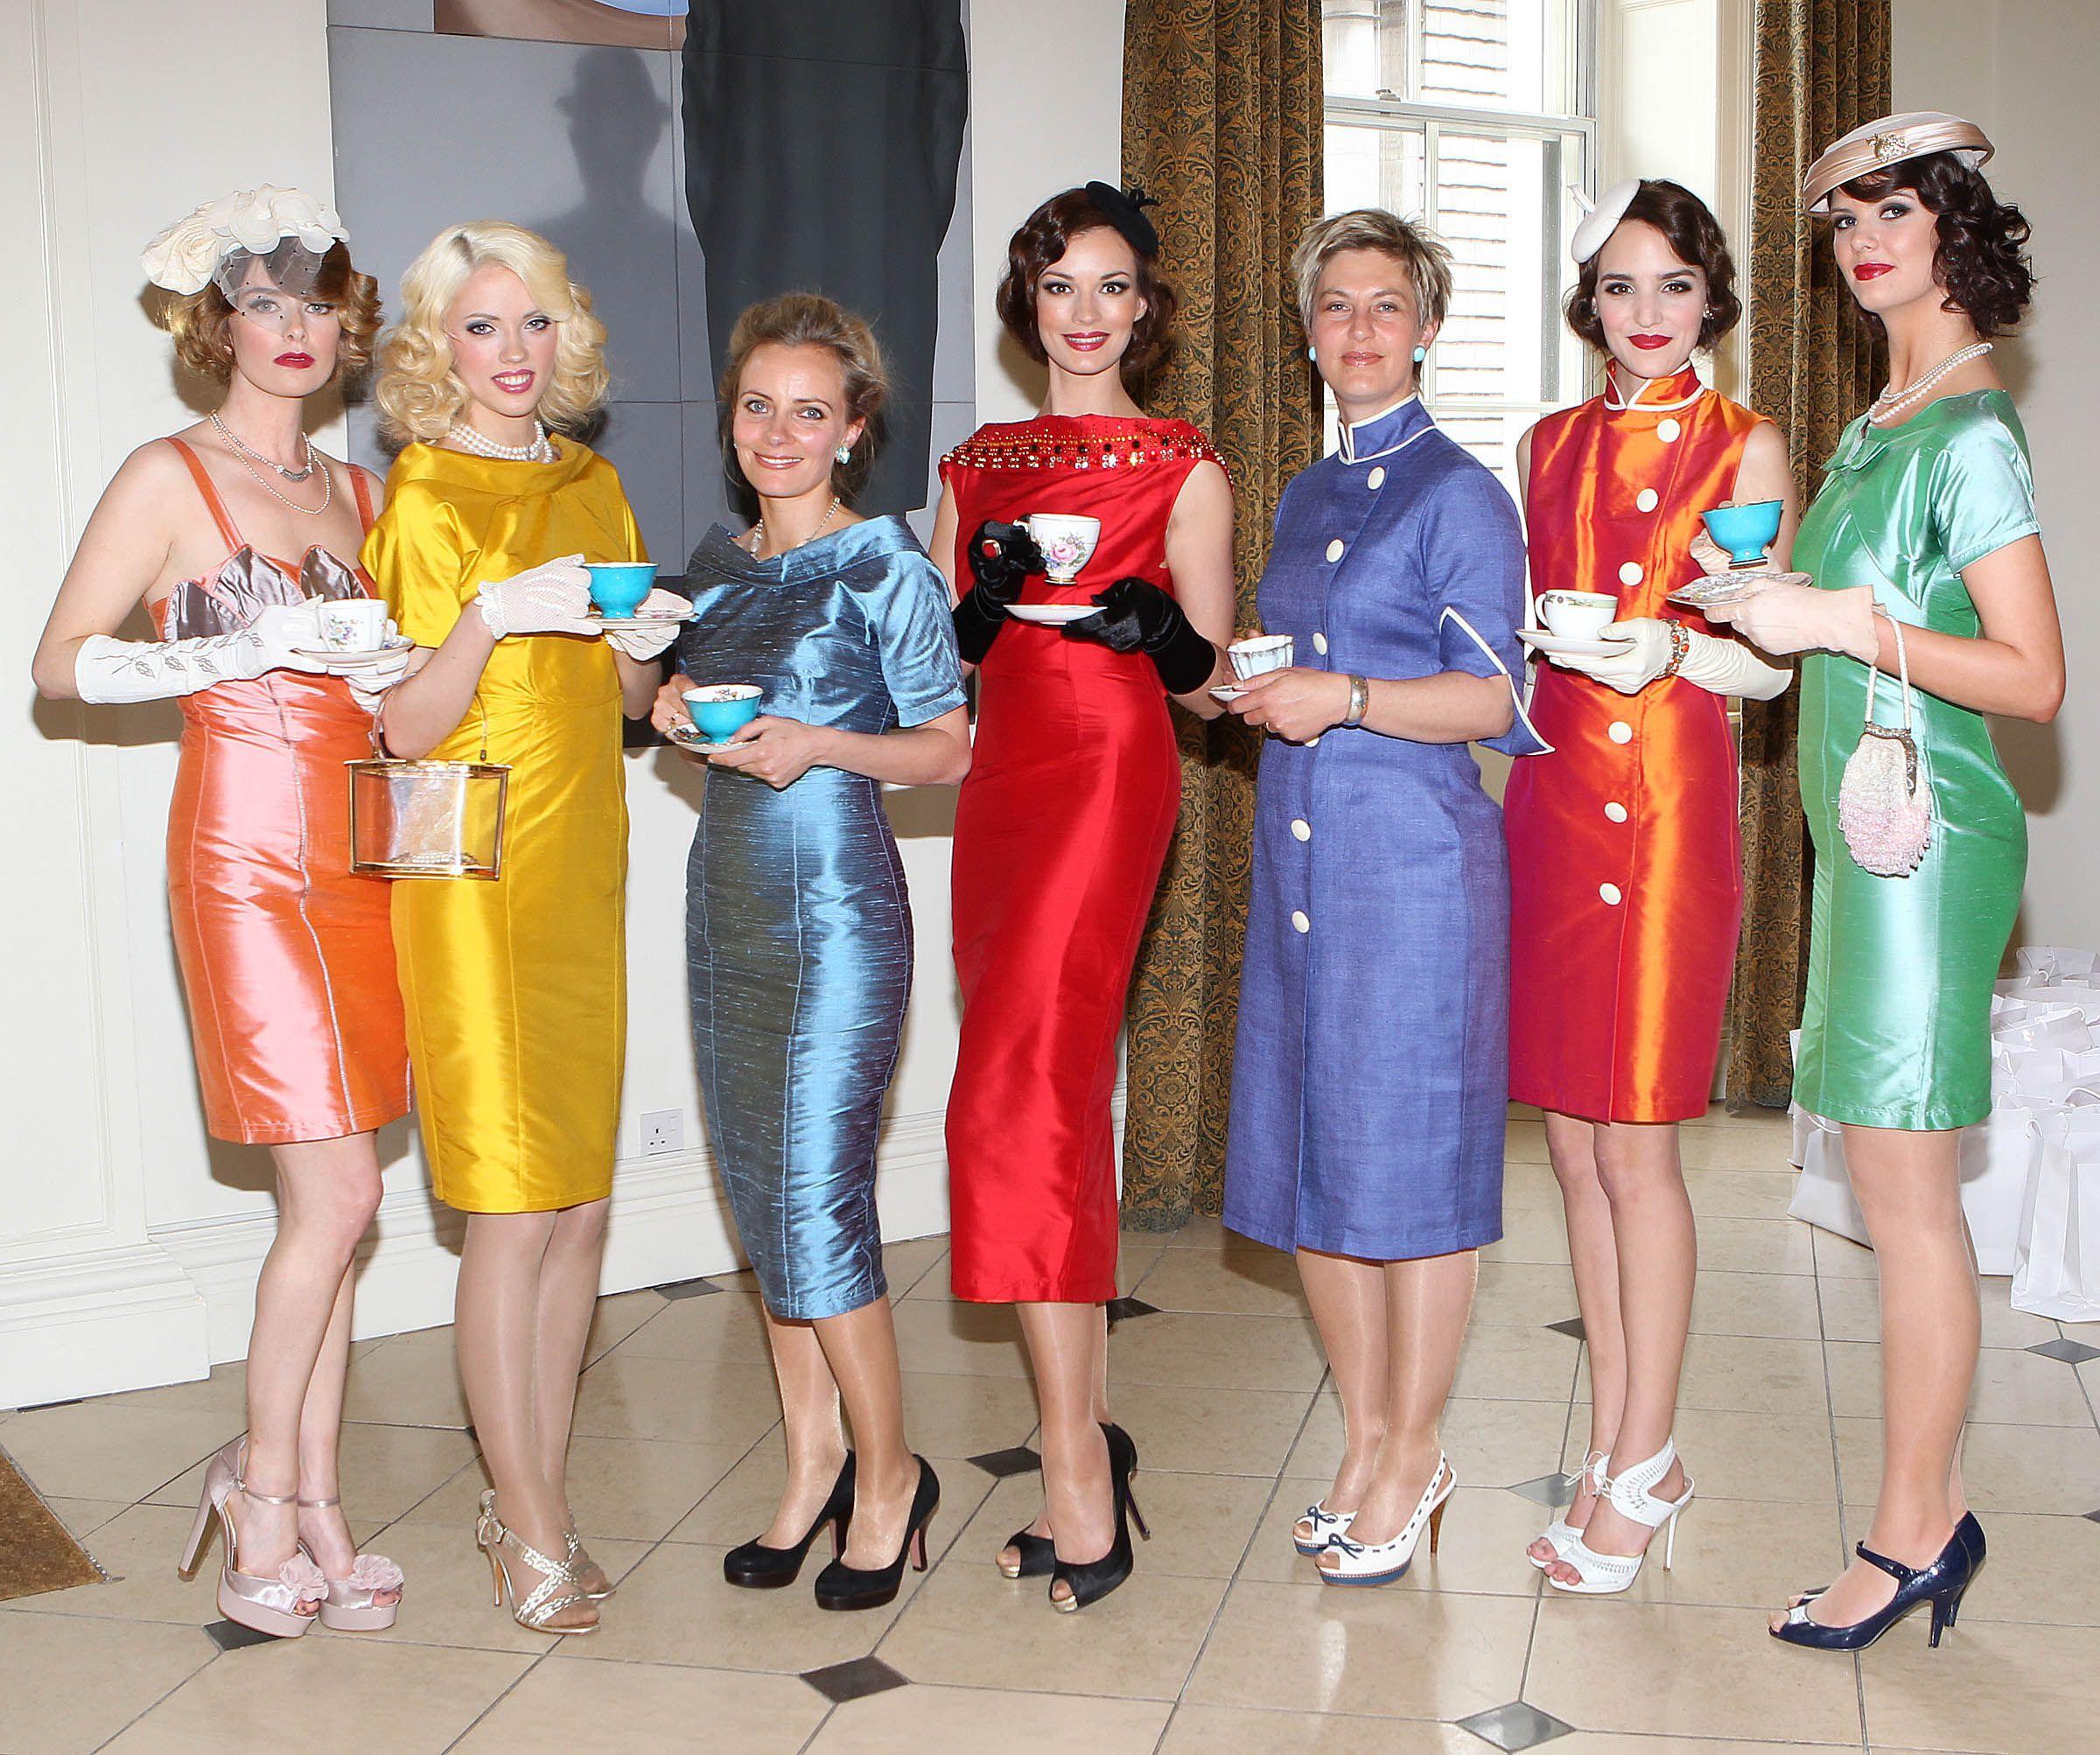 dress code ideas for high tea | High Tea - What to wear? | Pinterest